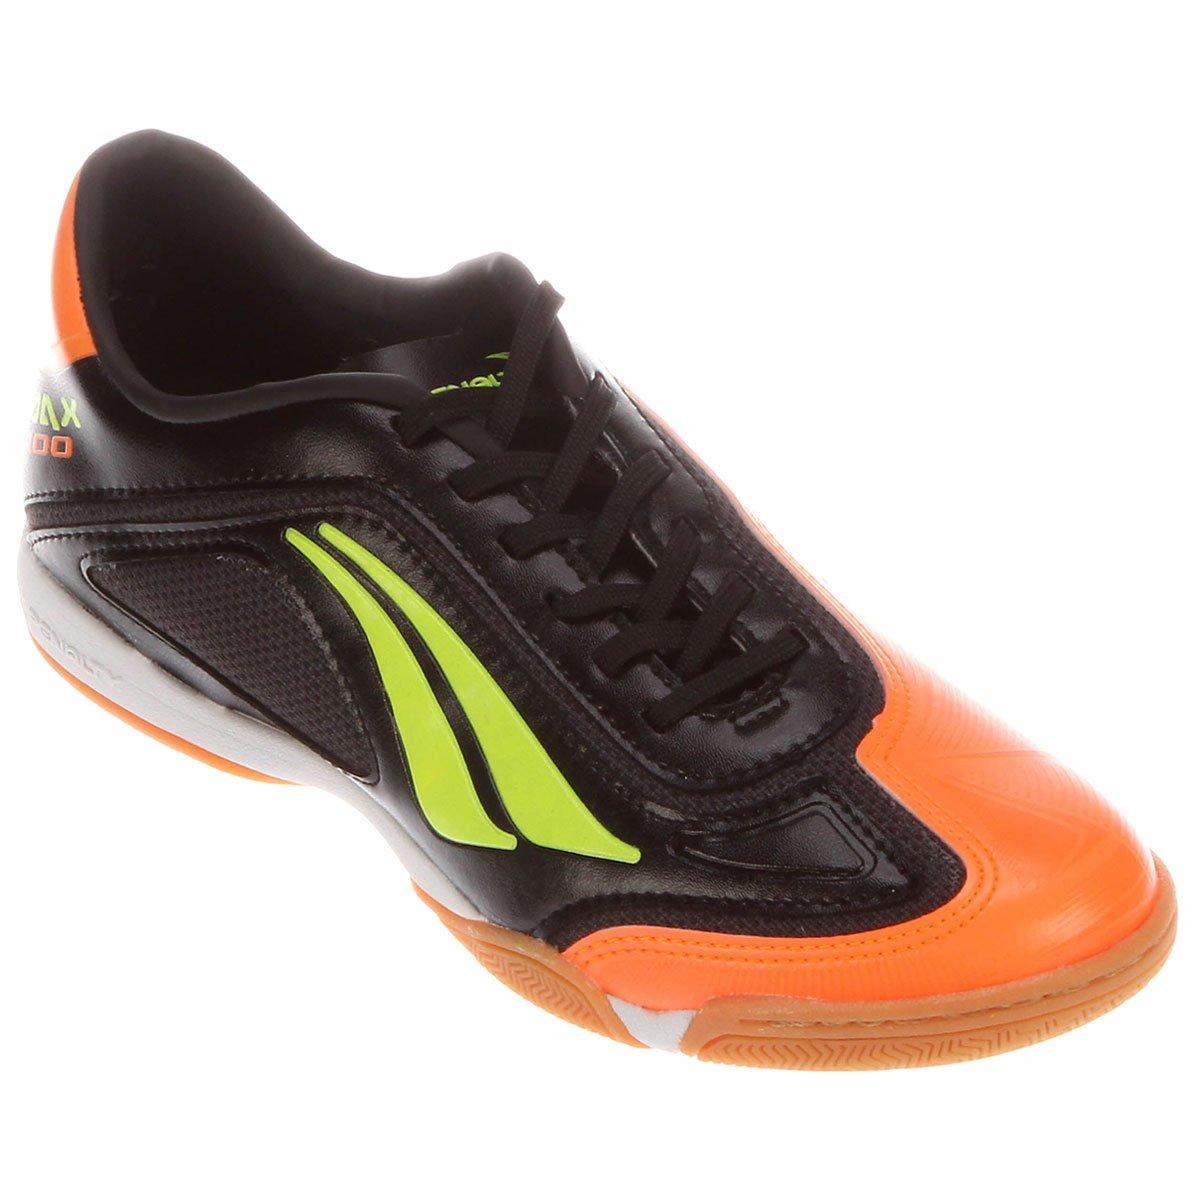 Chuteira Penalty Max 400 T Futsal - Compre Agora  ff85208044ba2